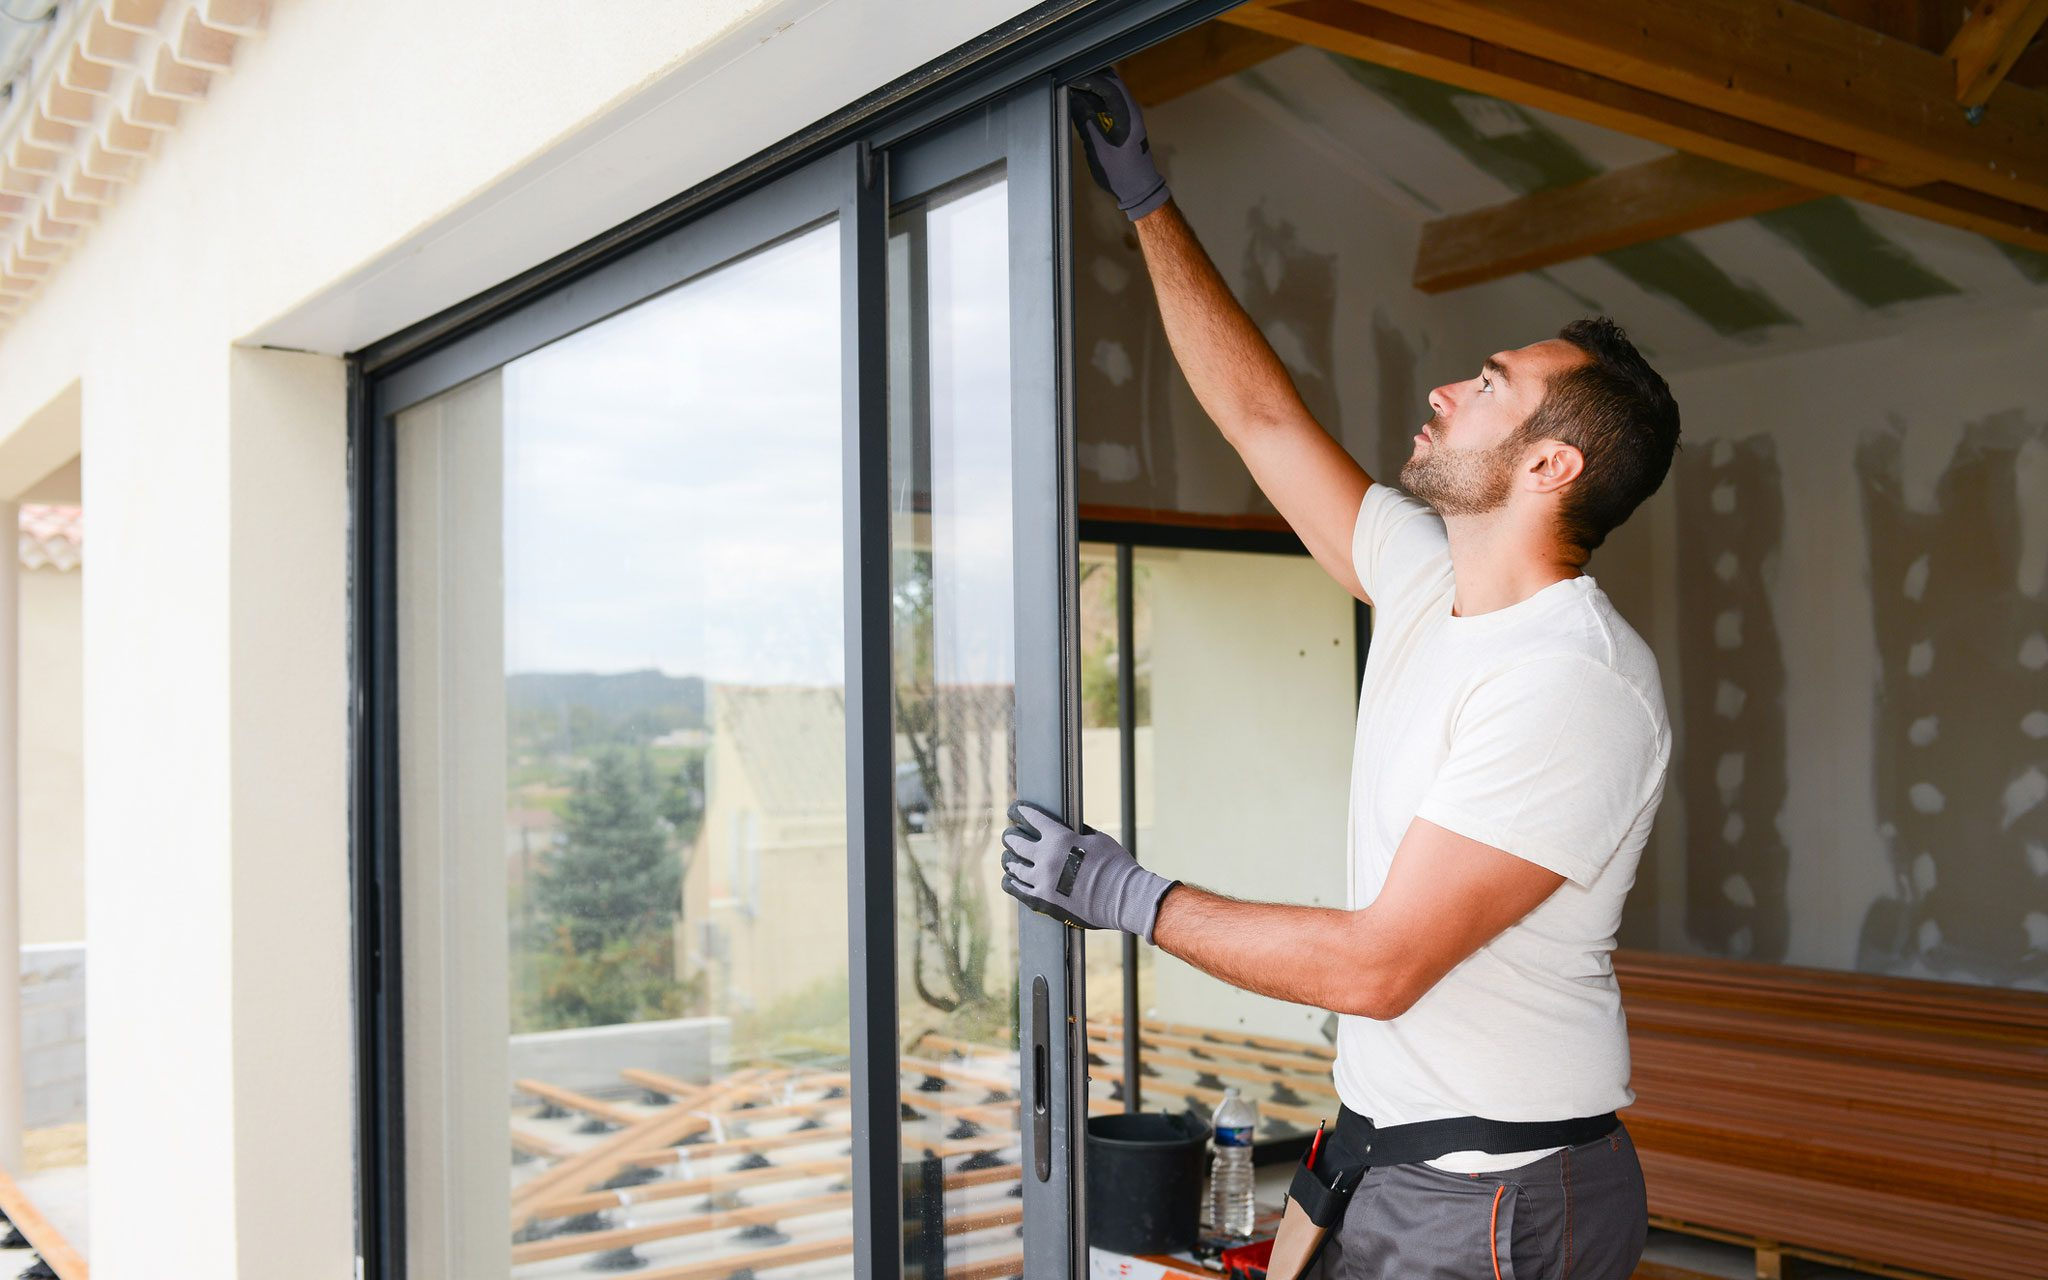 Fensterbau bei einsetzen eines Fensters